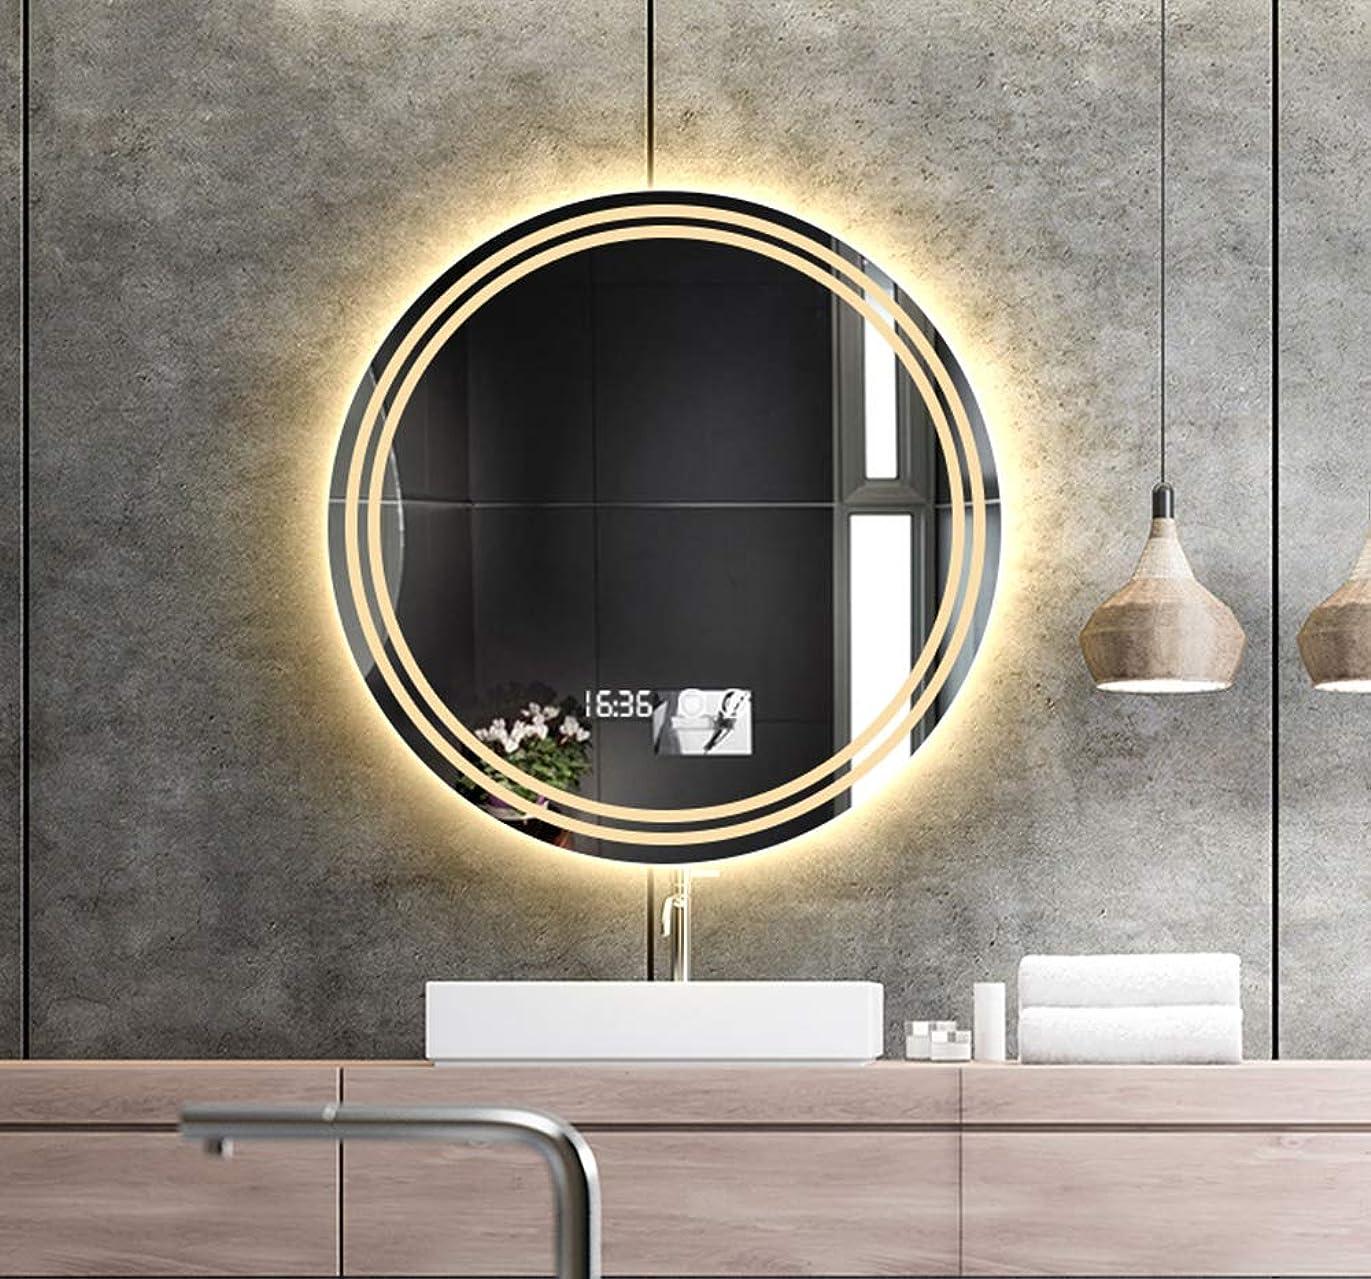 対応草マイルストーンフレームレスLEDバスルームミラー、壁掛け式スマートバックライトミラー、ライト付きの円形化粧鏡、タッチスイッチ+防曇